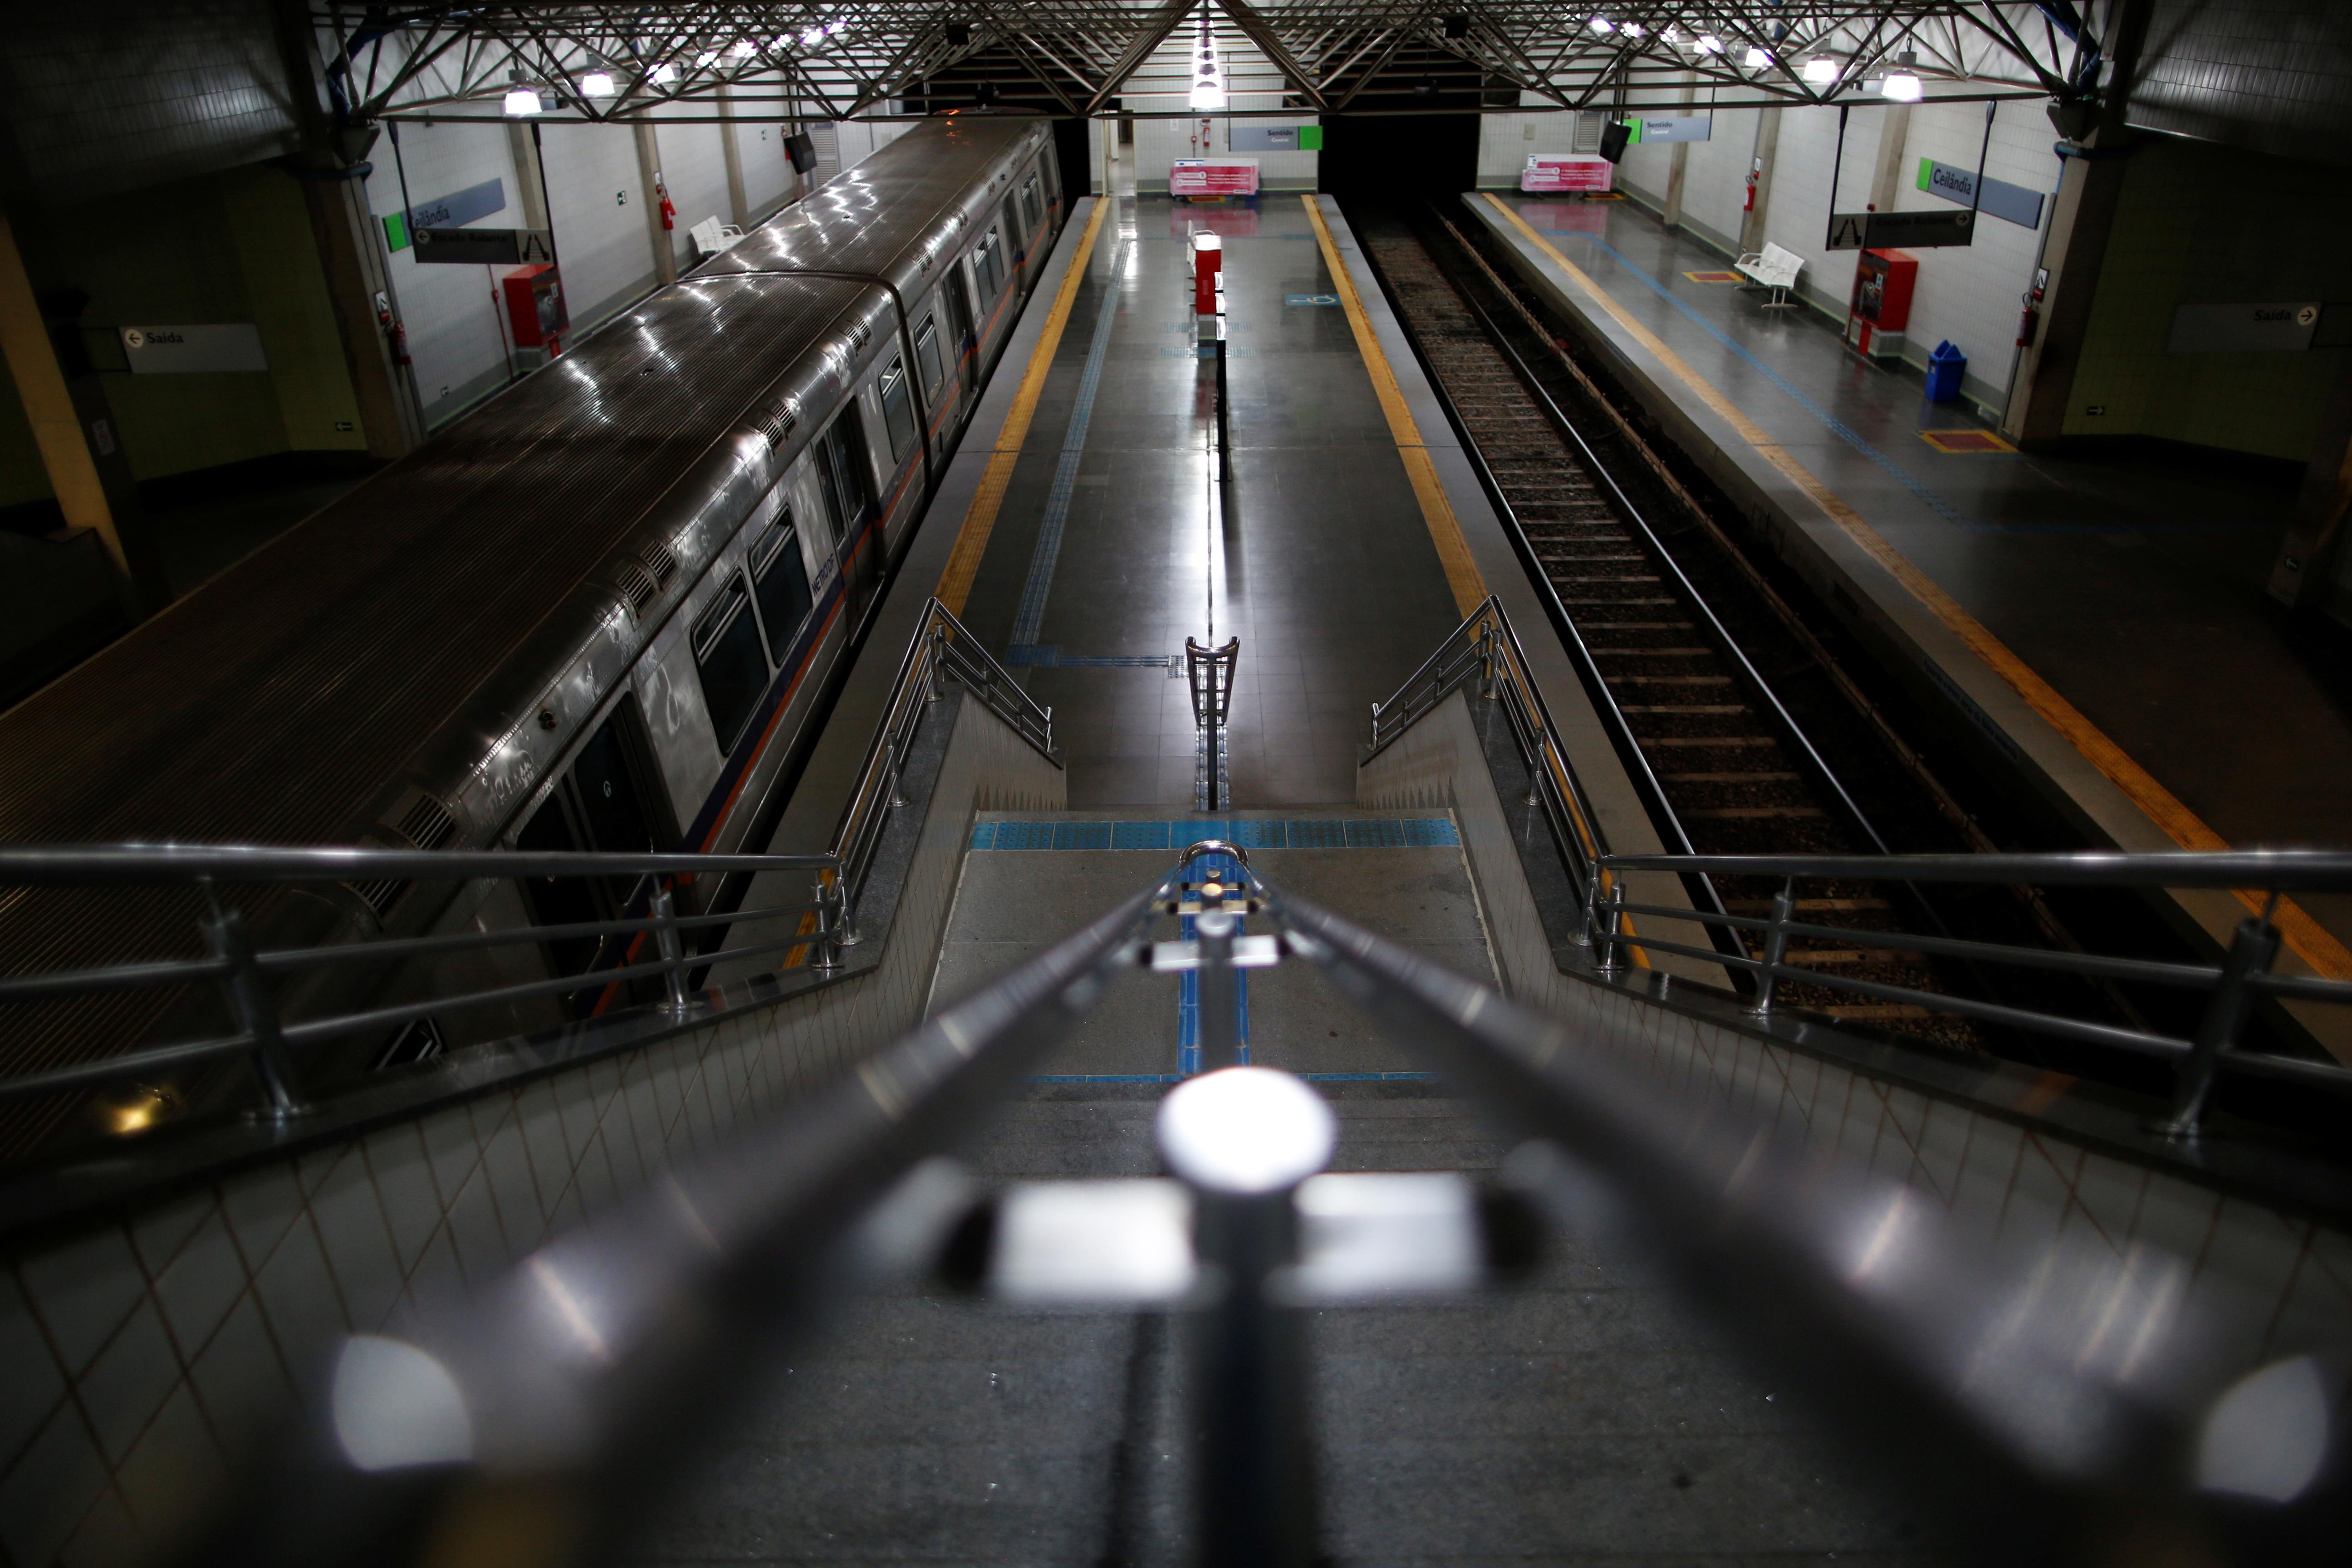 Una estación del metro desierta en Brasilia, Brasil (REUTERS/Ueslei Marcelino)